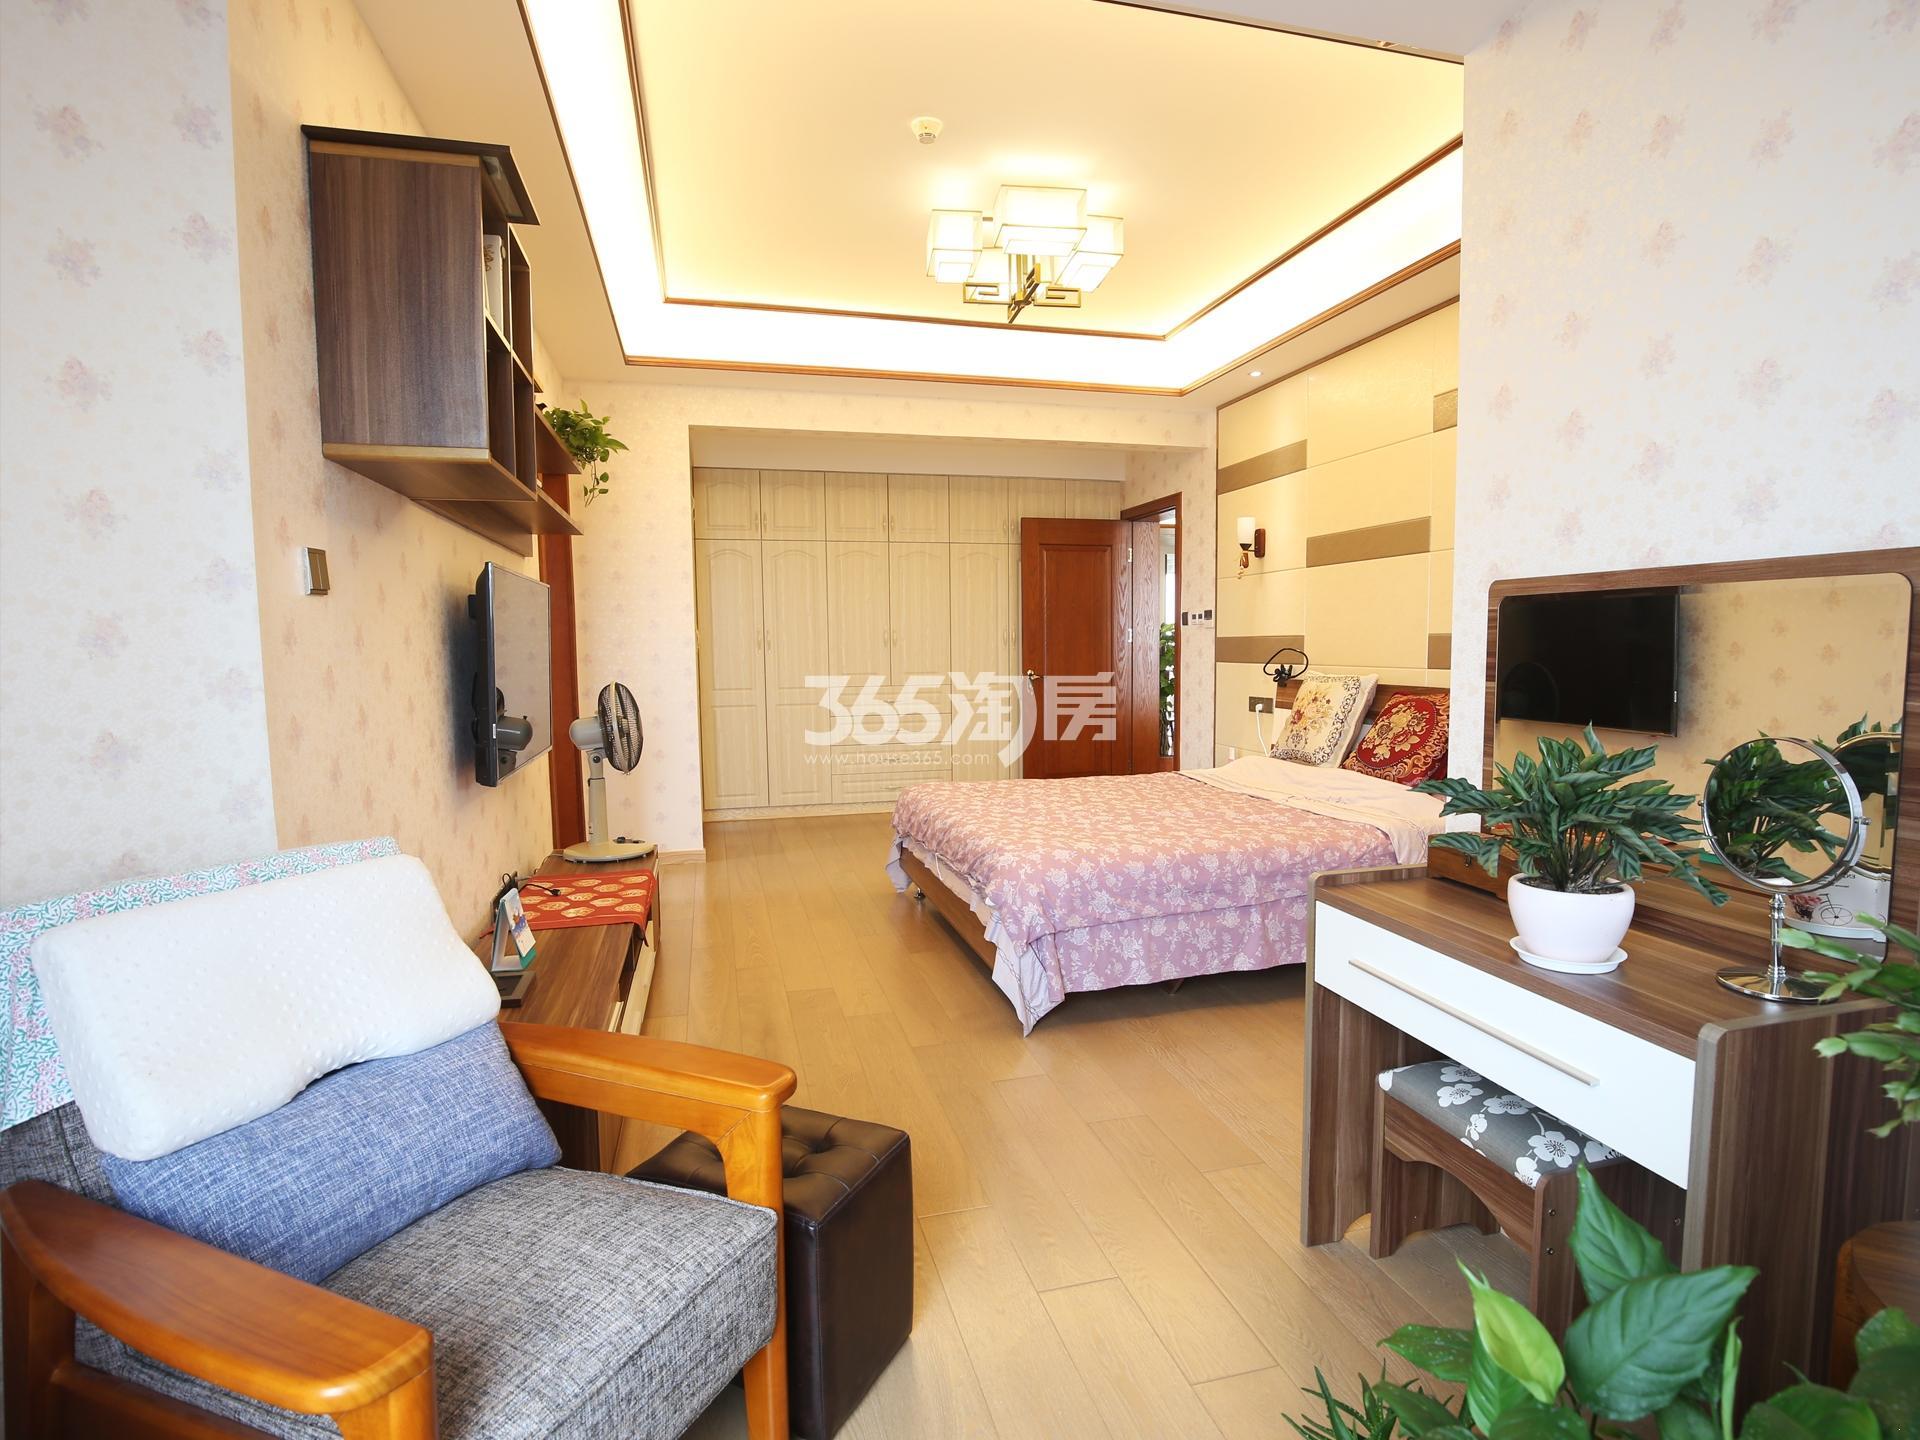 奥体苏宁滨江壹号4室2厅2卫238平豪华装修一线江景房